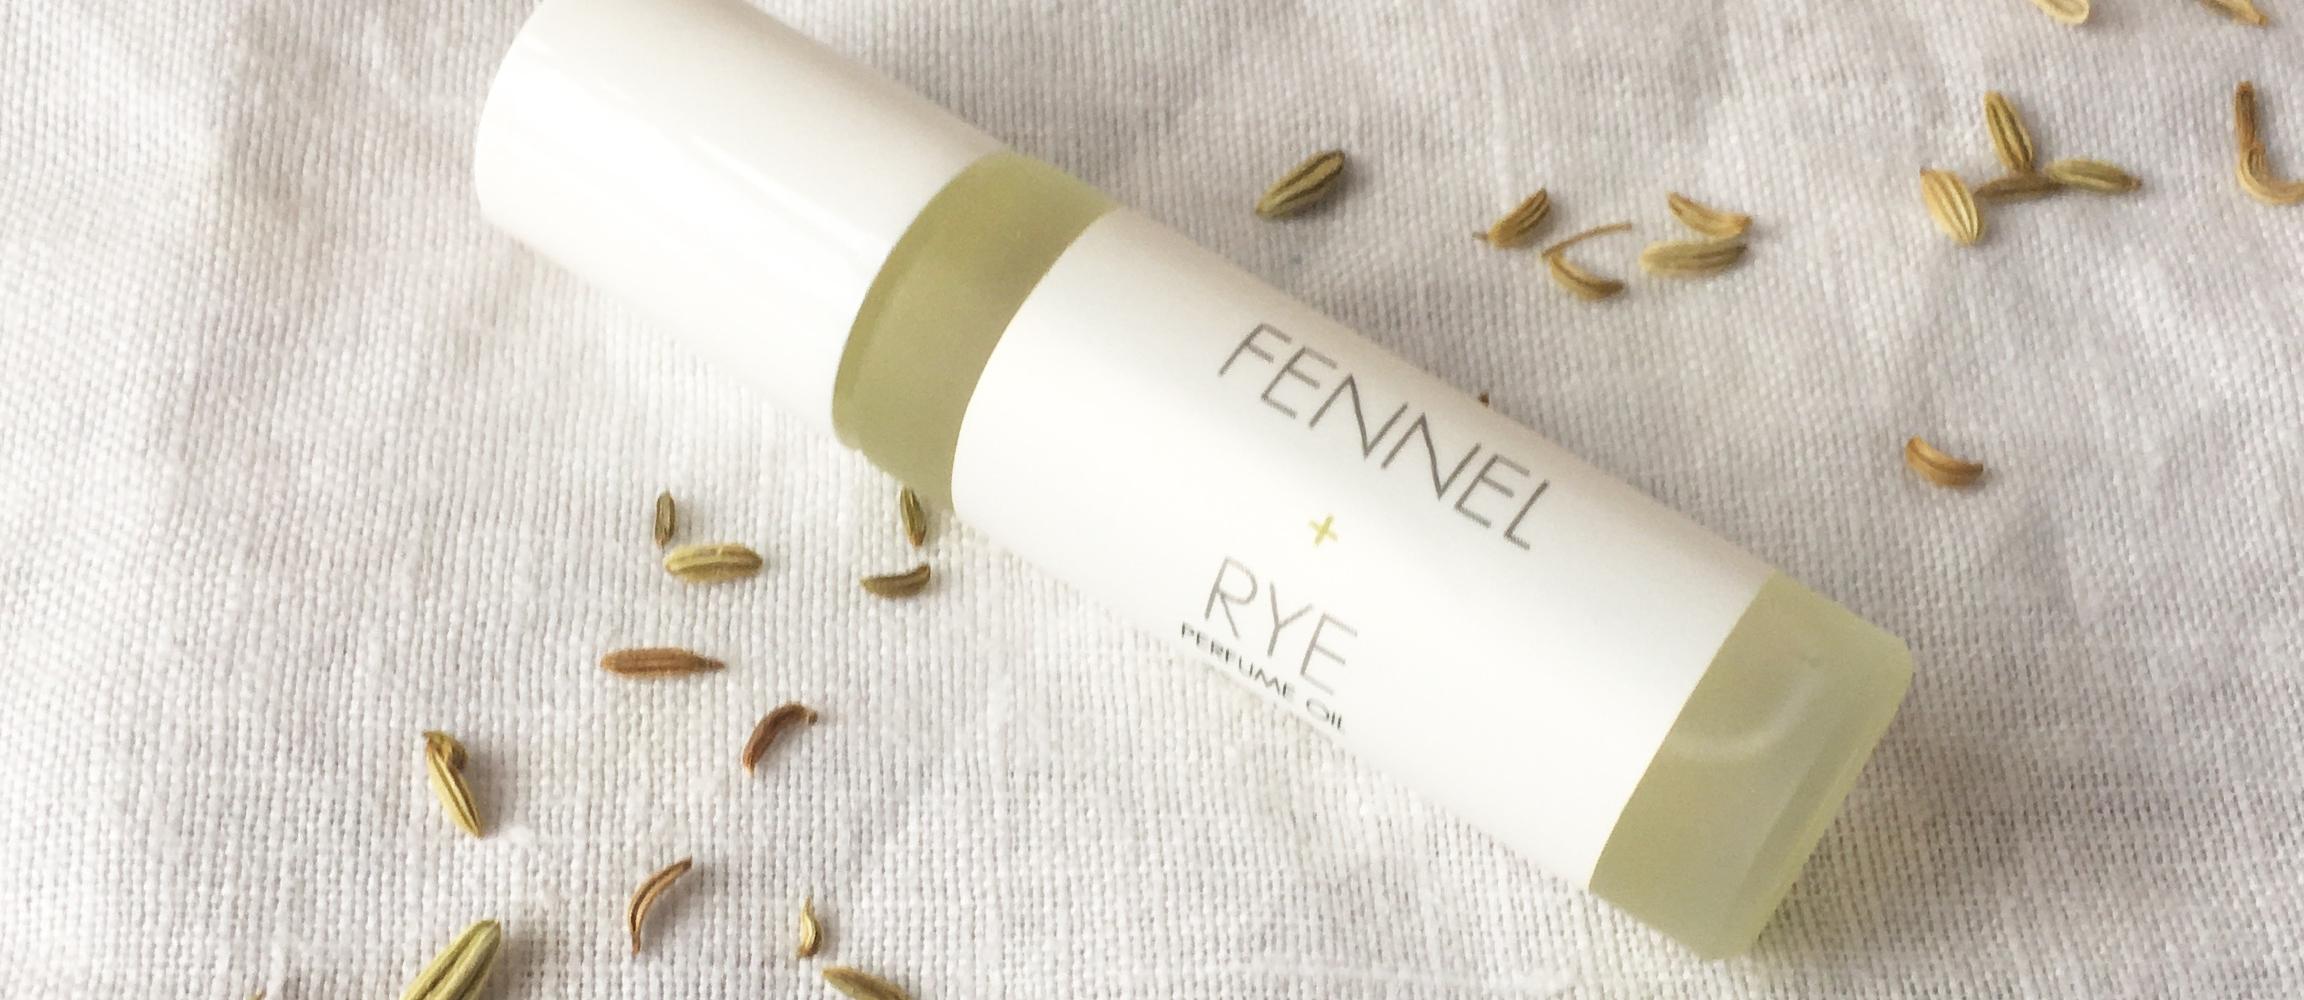 RICA bath + body Roll On Perfume Oil Fennel + Rye on white napkin.JPG